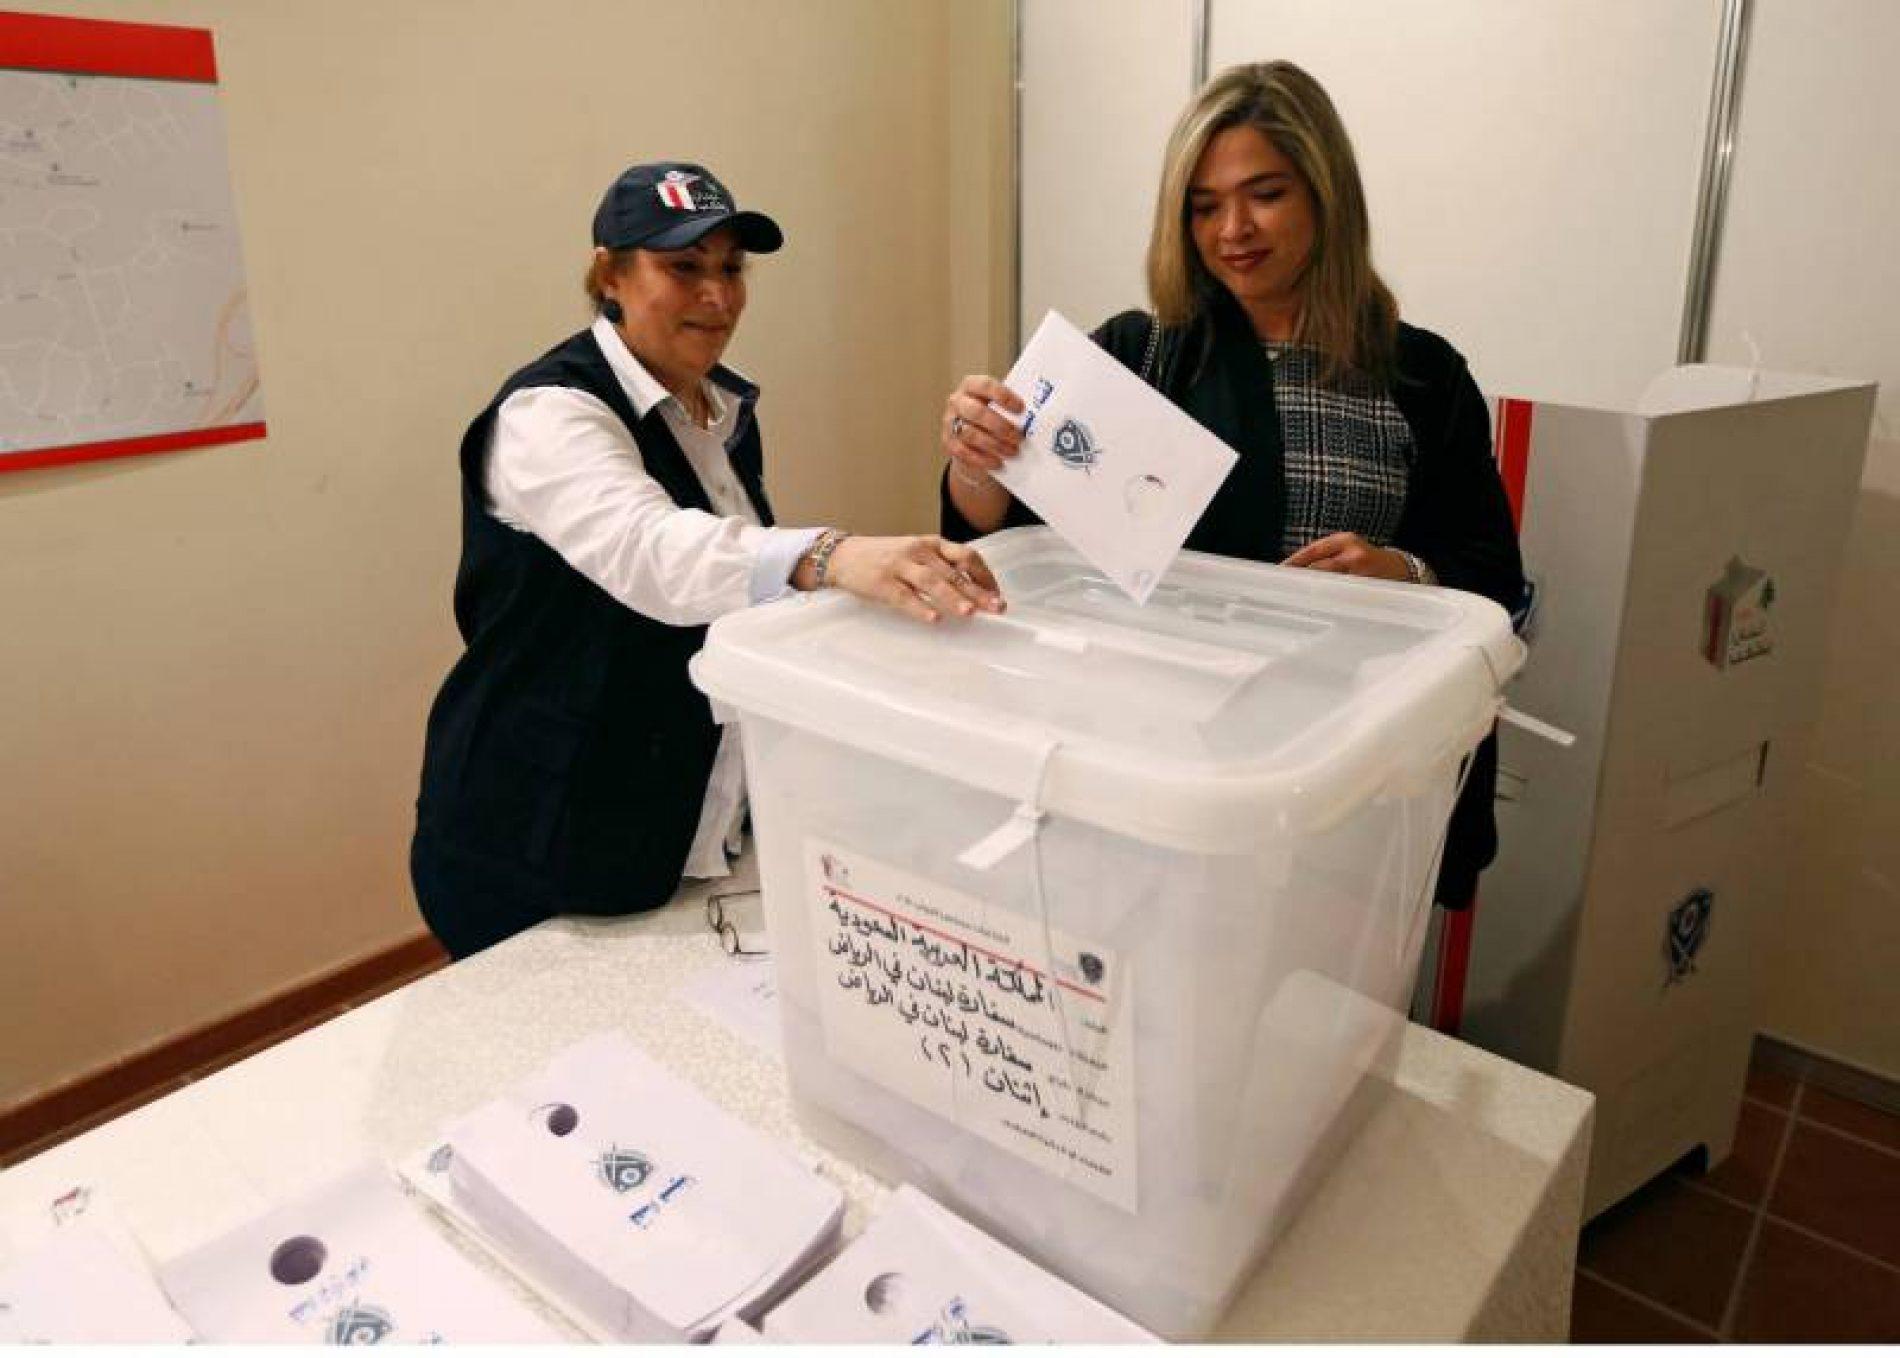 Législatives au Liban: les élections de la dernière chance?